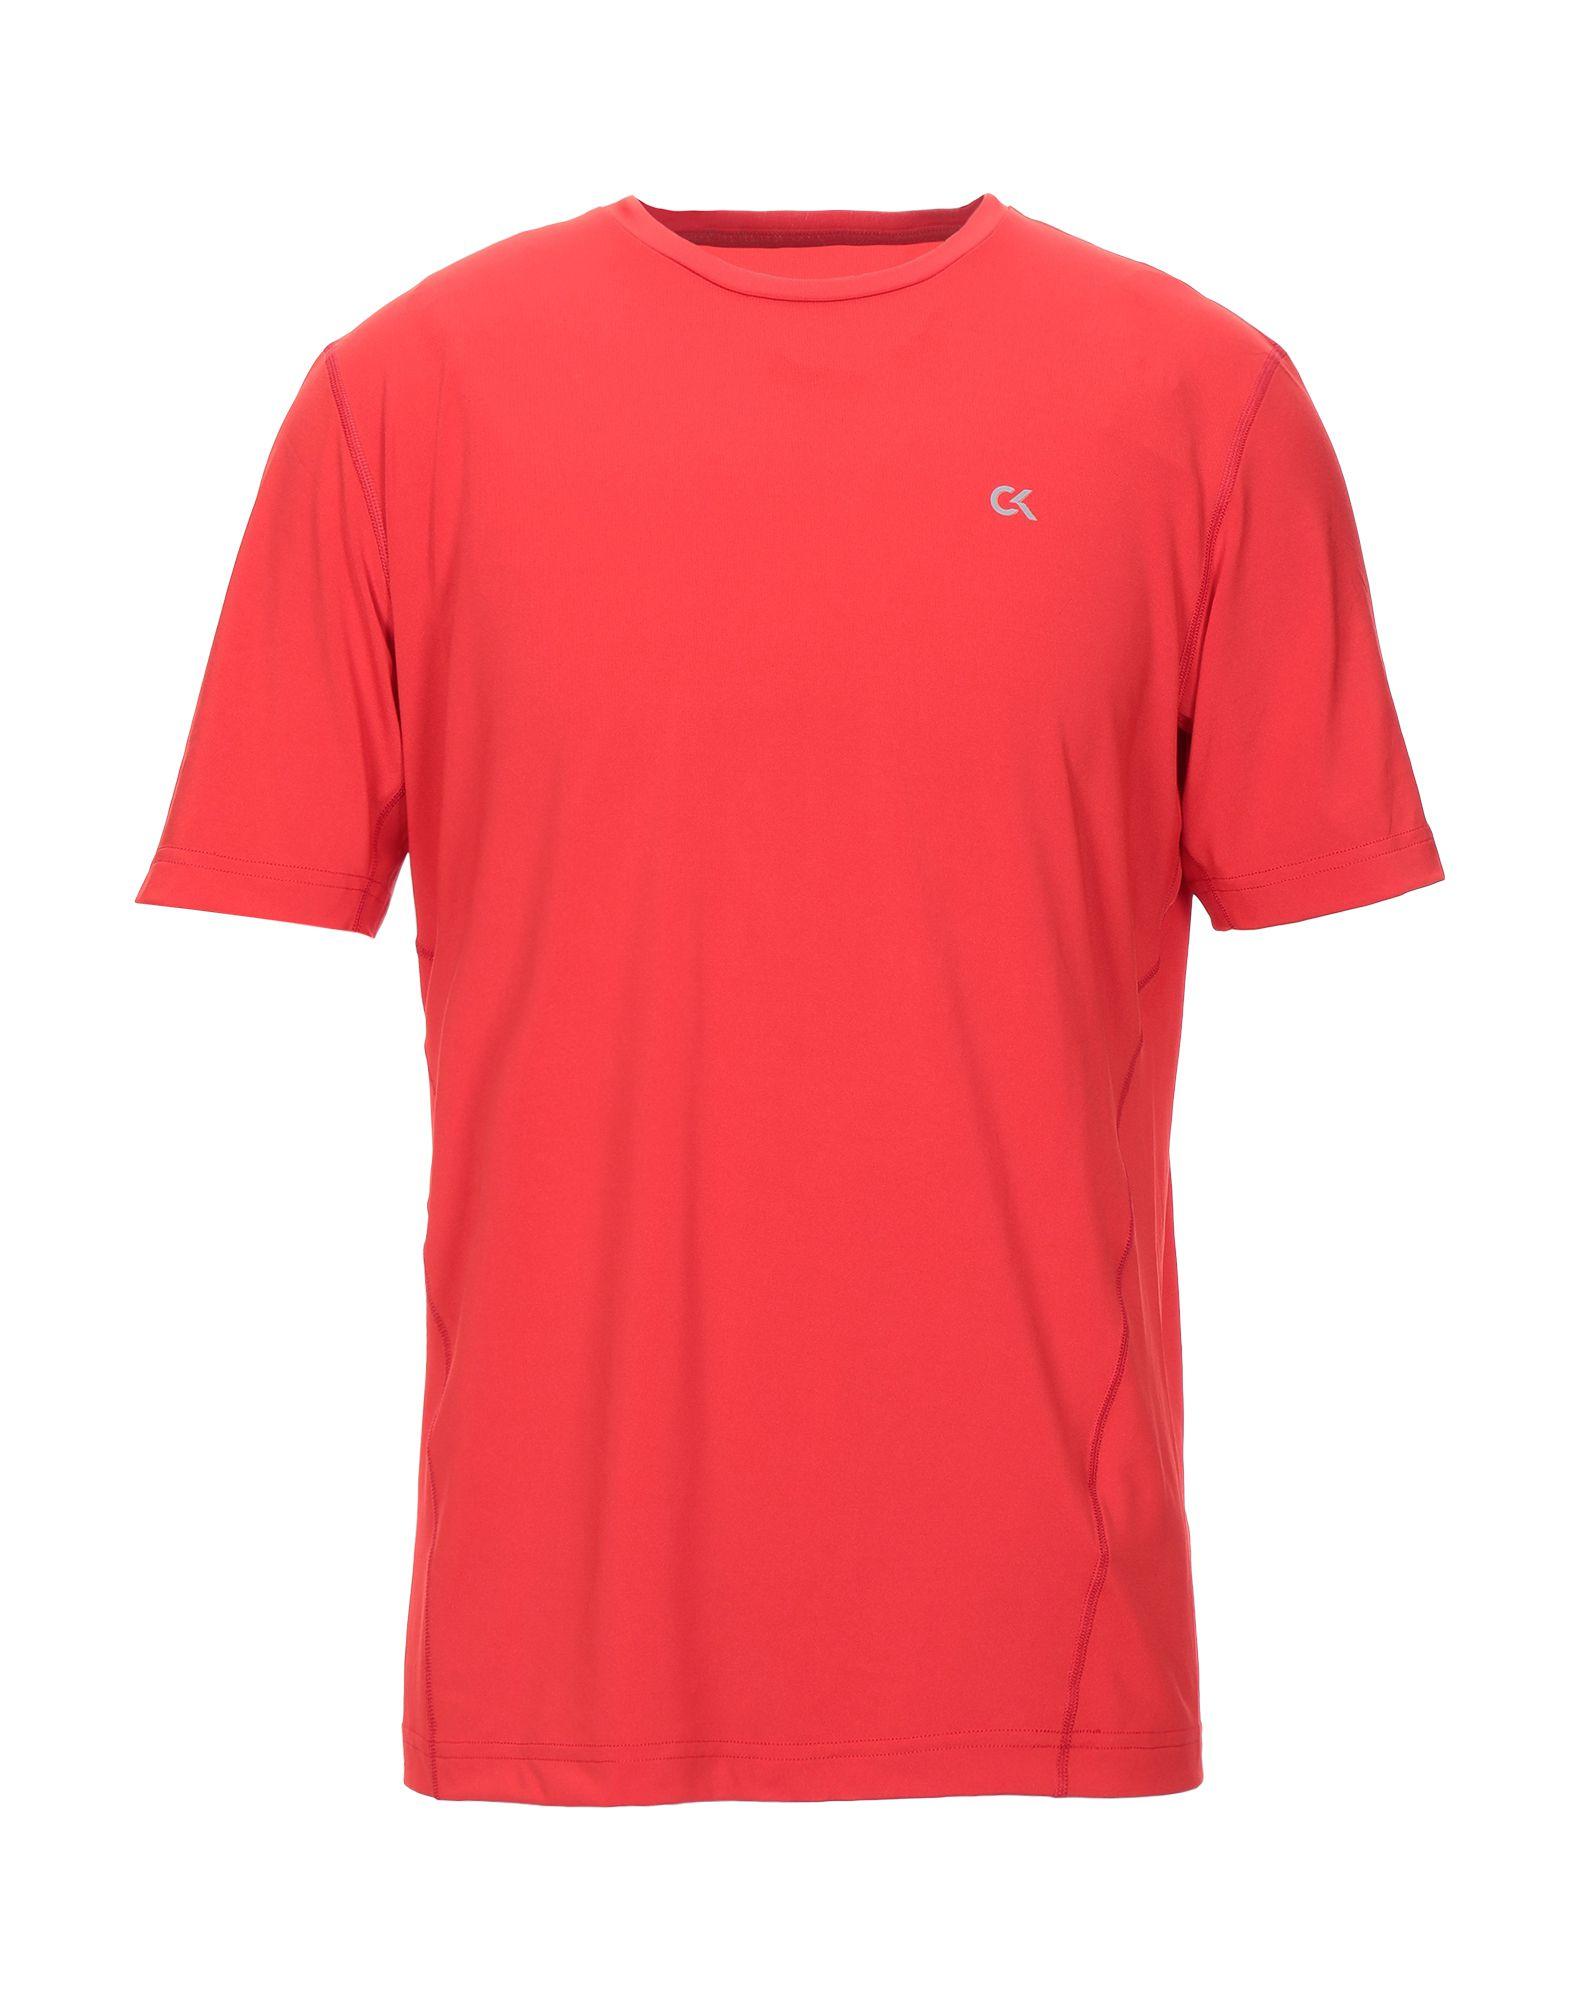 《セール開催中》CALVIN KLEIN PERFORMANCE メンズ T シャツ レッド M ポリエステル 82% / ポリウレタン 18%